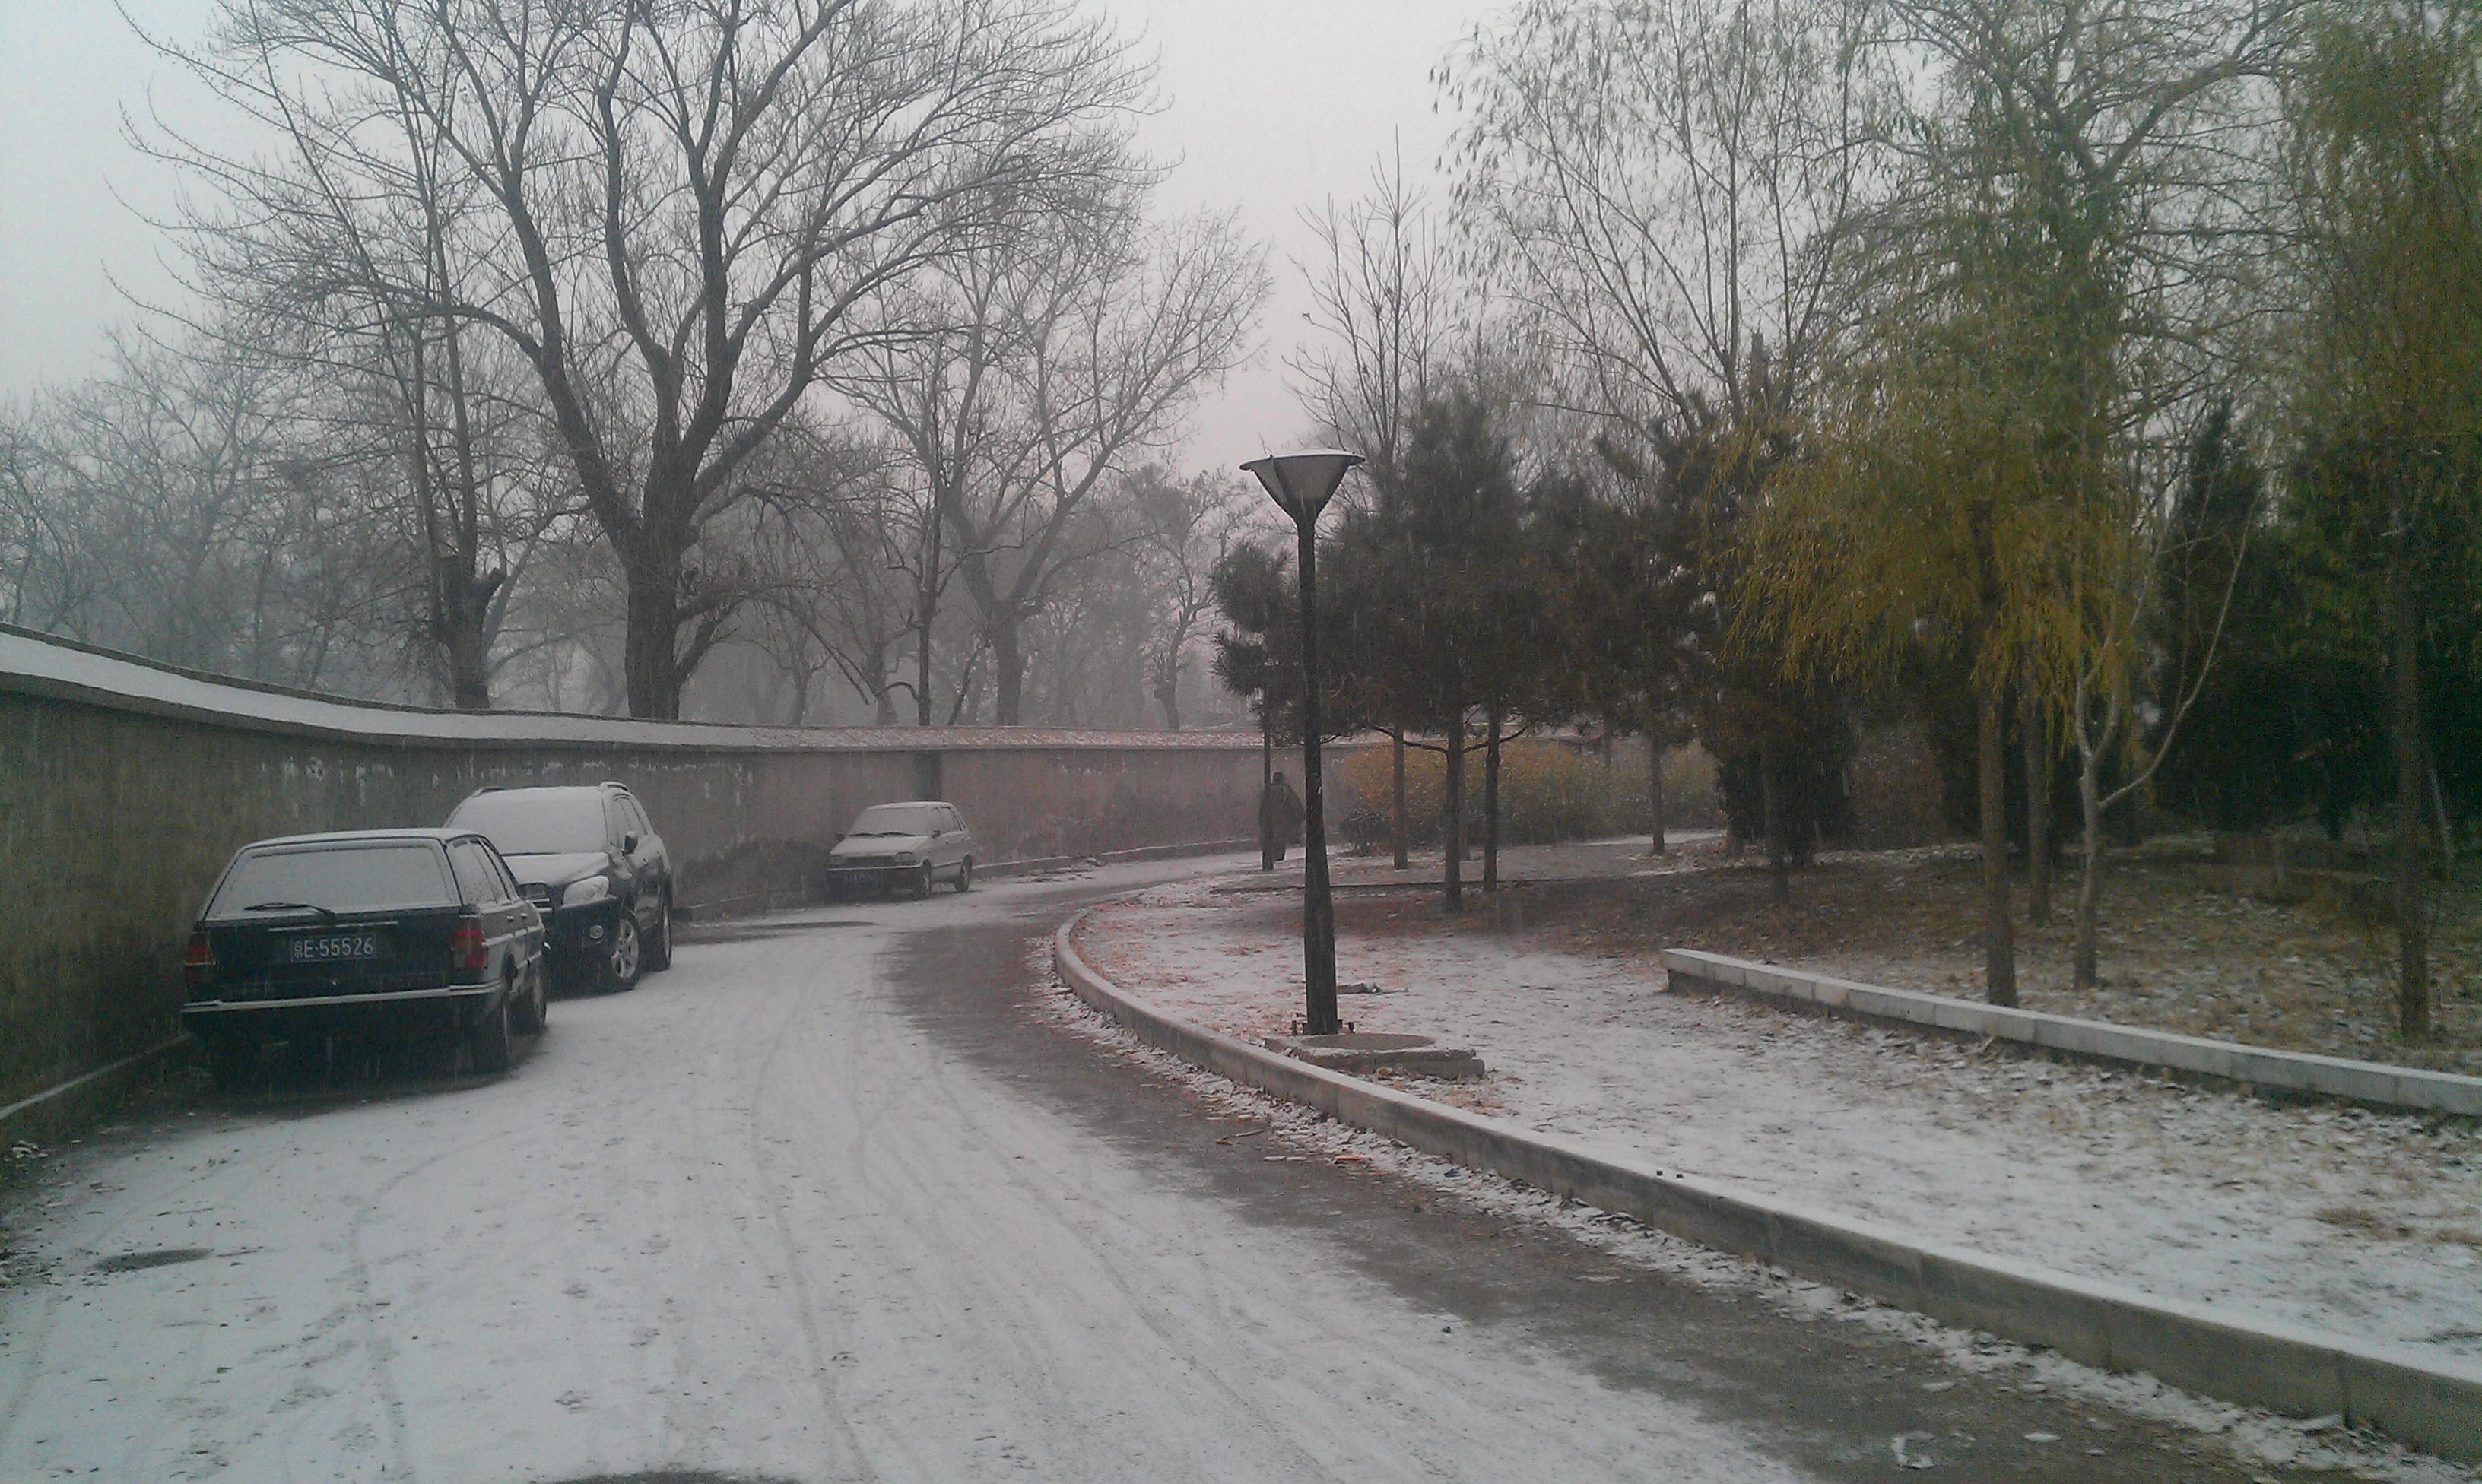 Beijing snows